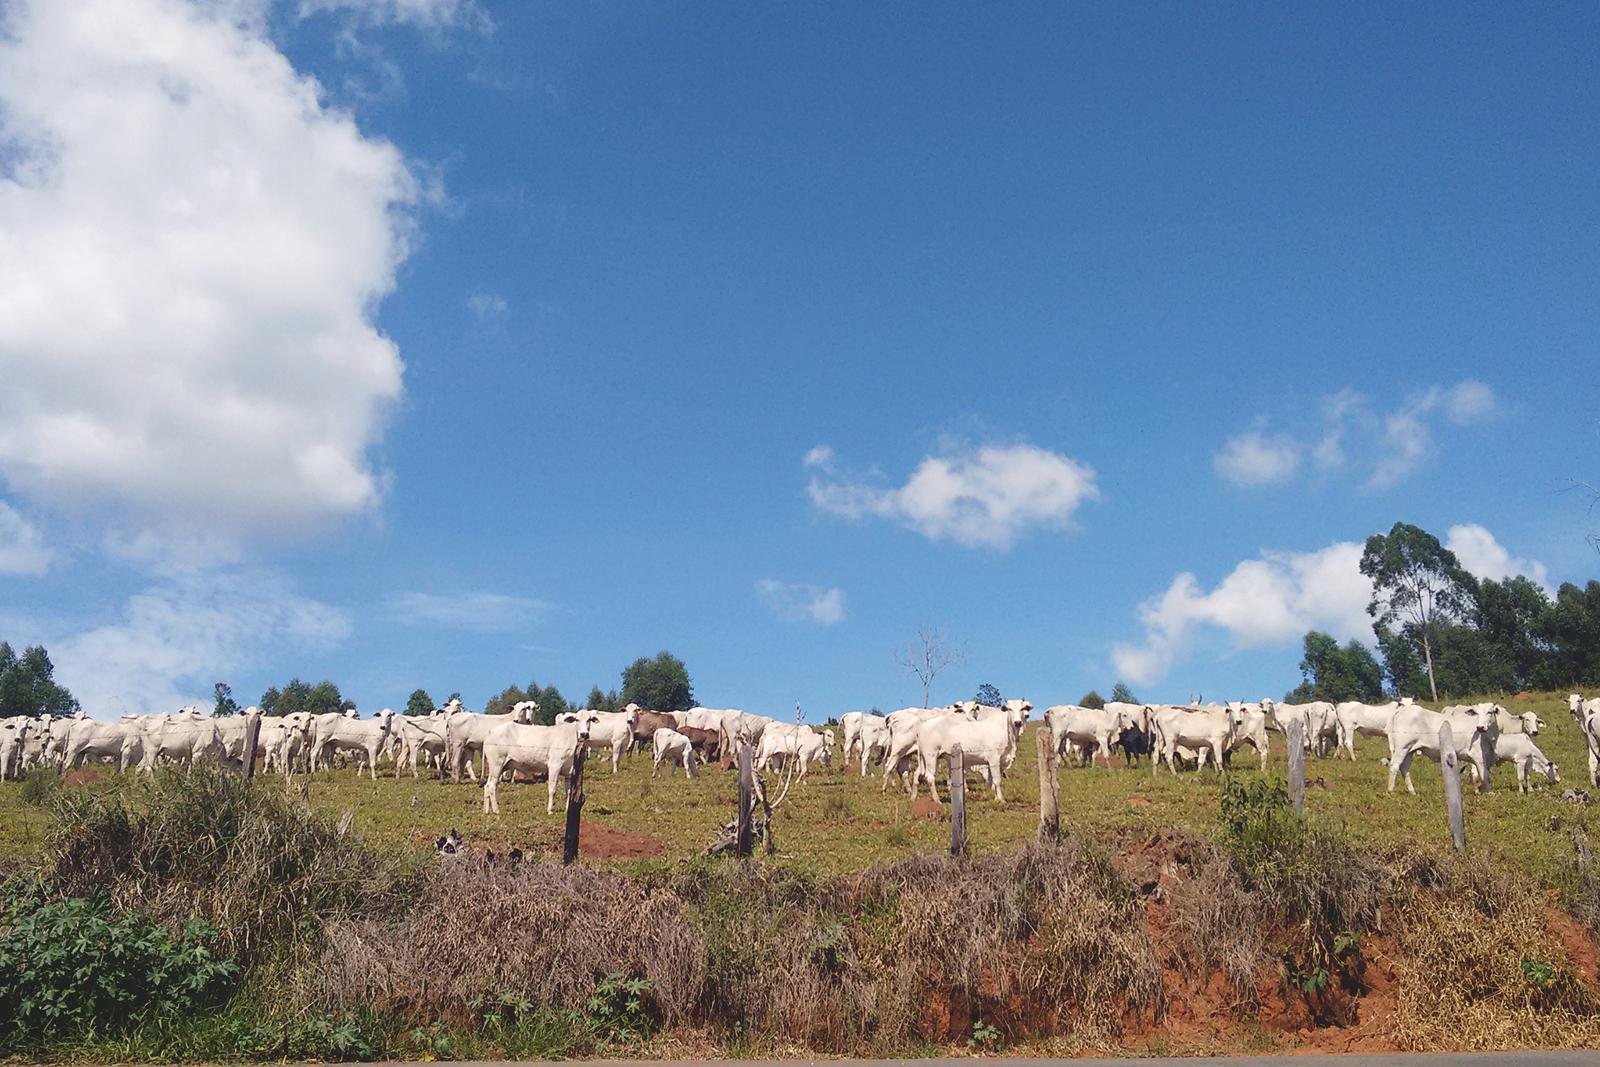 grupo vacas olhando